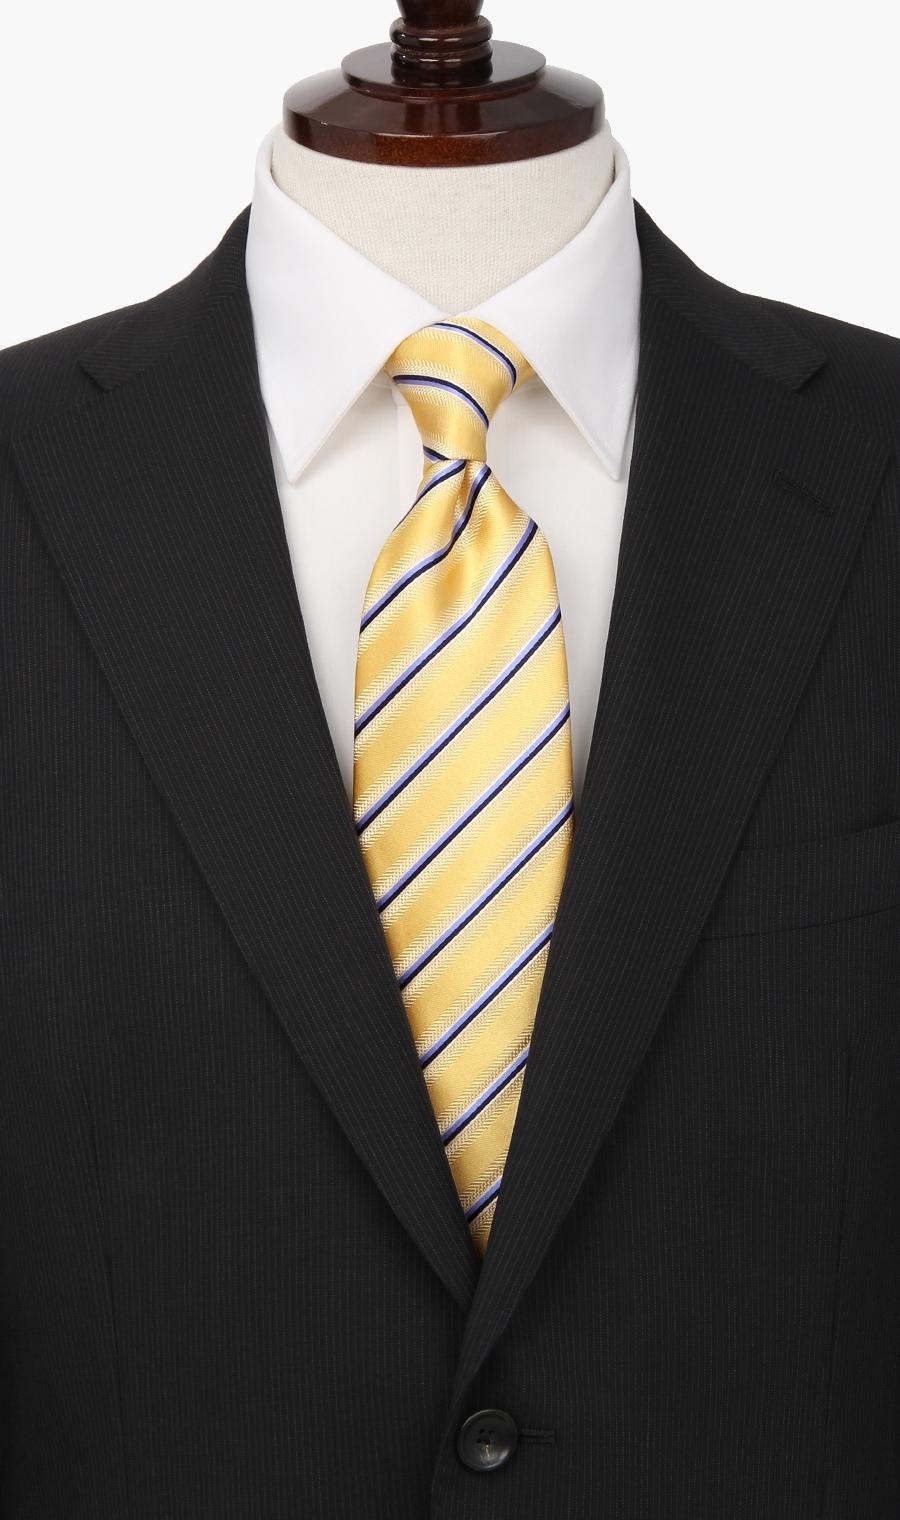 【意外と知らない】すぐ使えるネクタイの結び方講座【簡単お洒落】のサムネイル画像